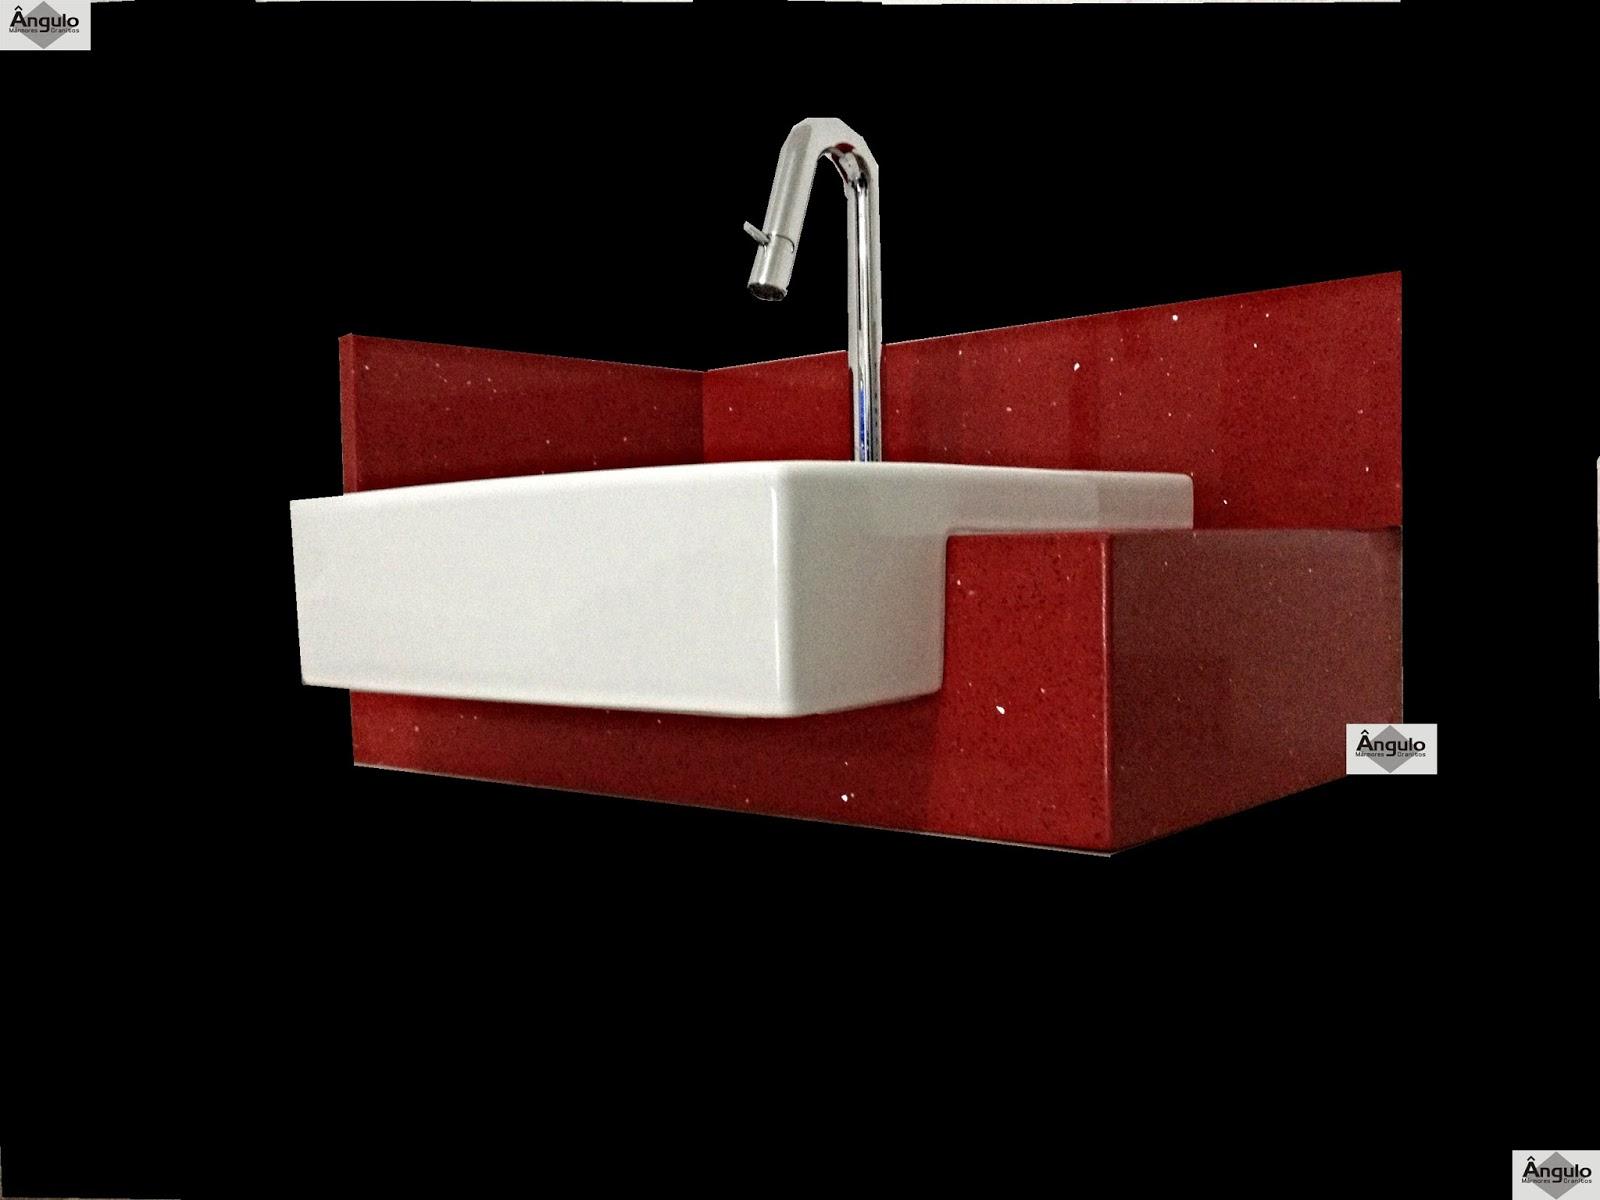 Bancada Banheiro Silestone Vermelho Stellar #030000 1600x1200 Bancada Banheiro Vermelha